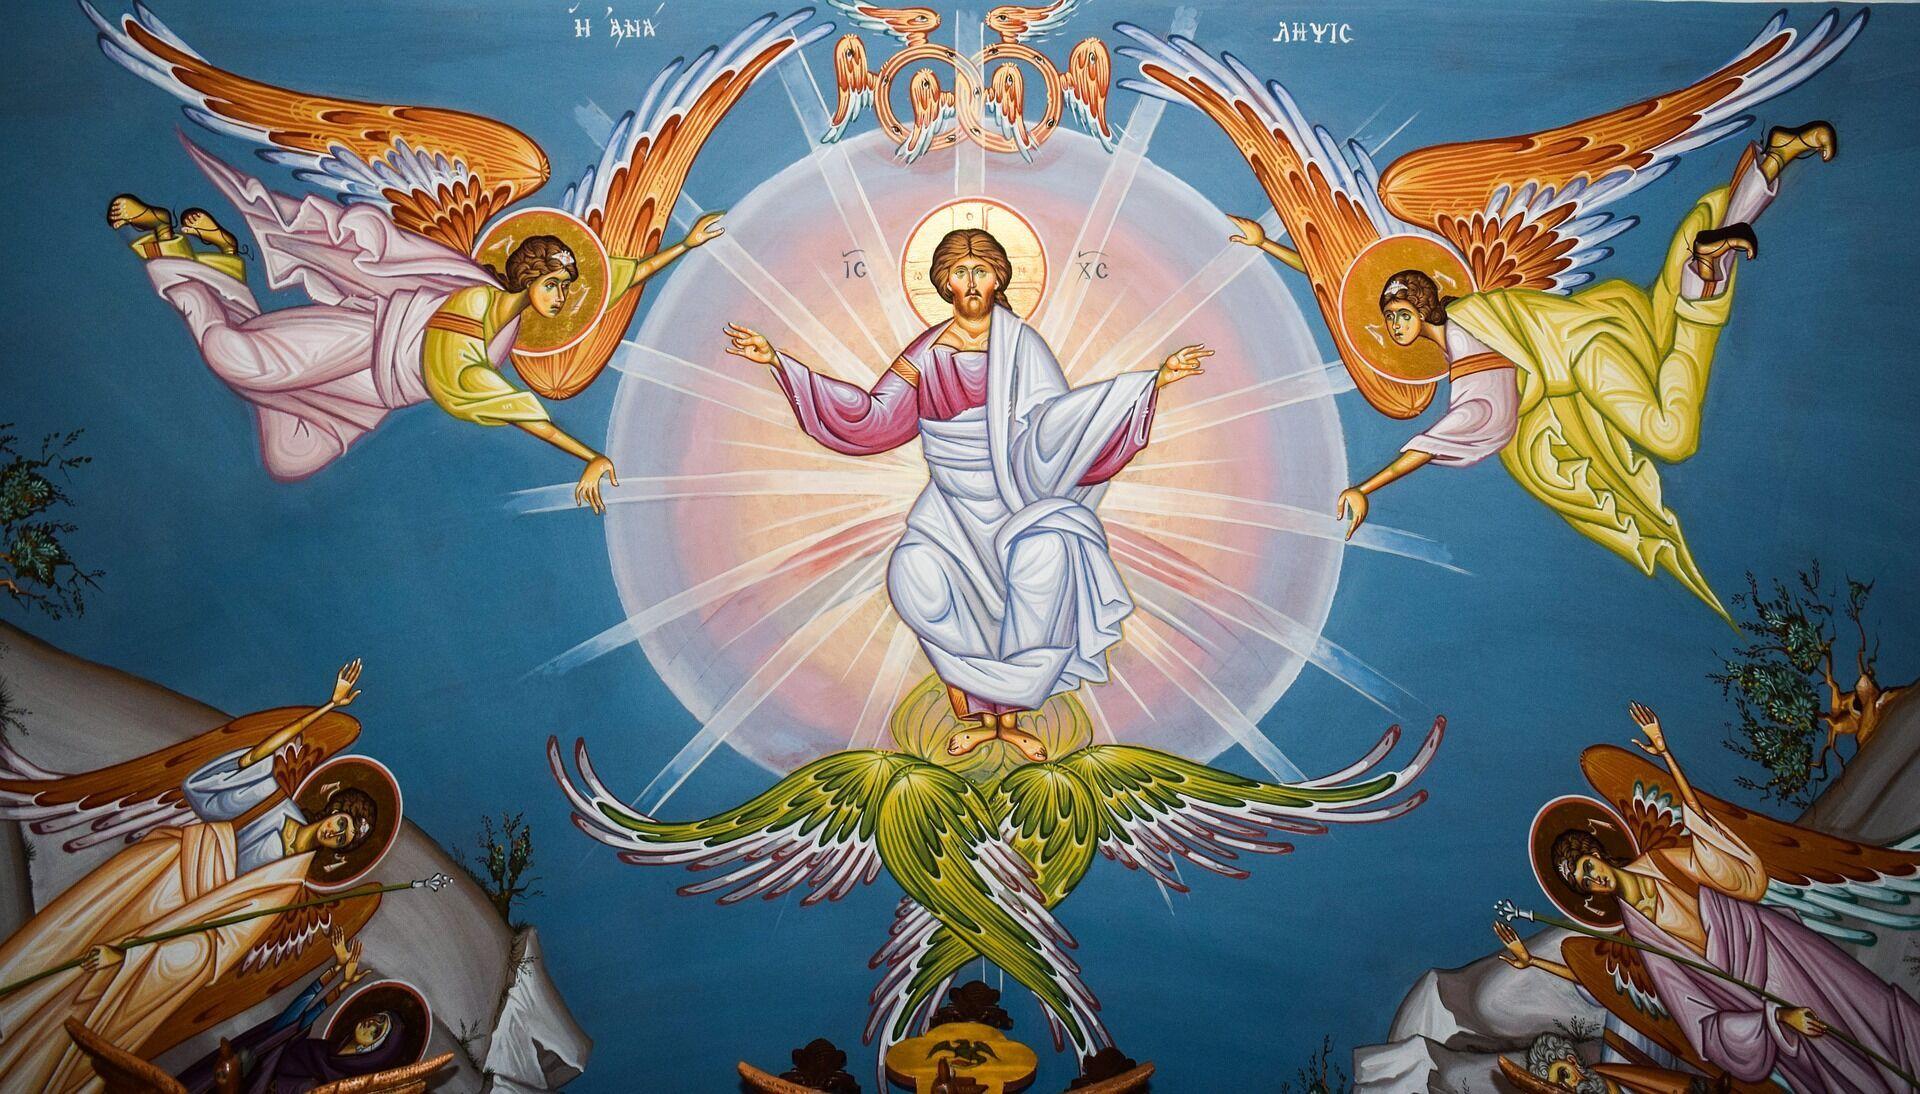 Вознесение Господне в 2021 году отмечают 10 июня